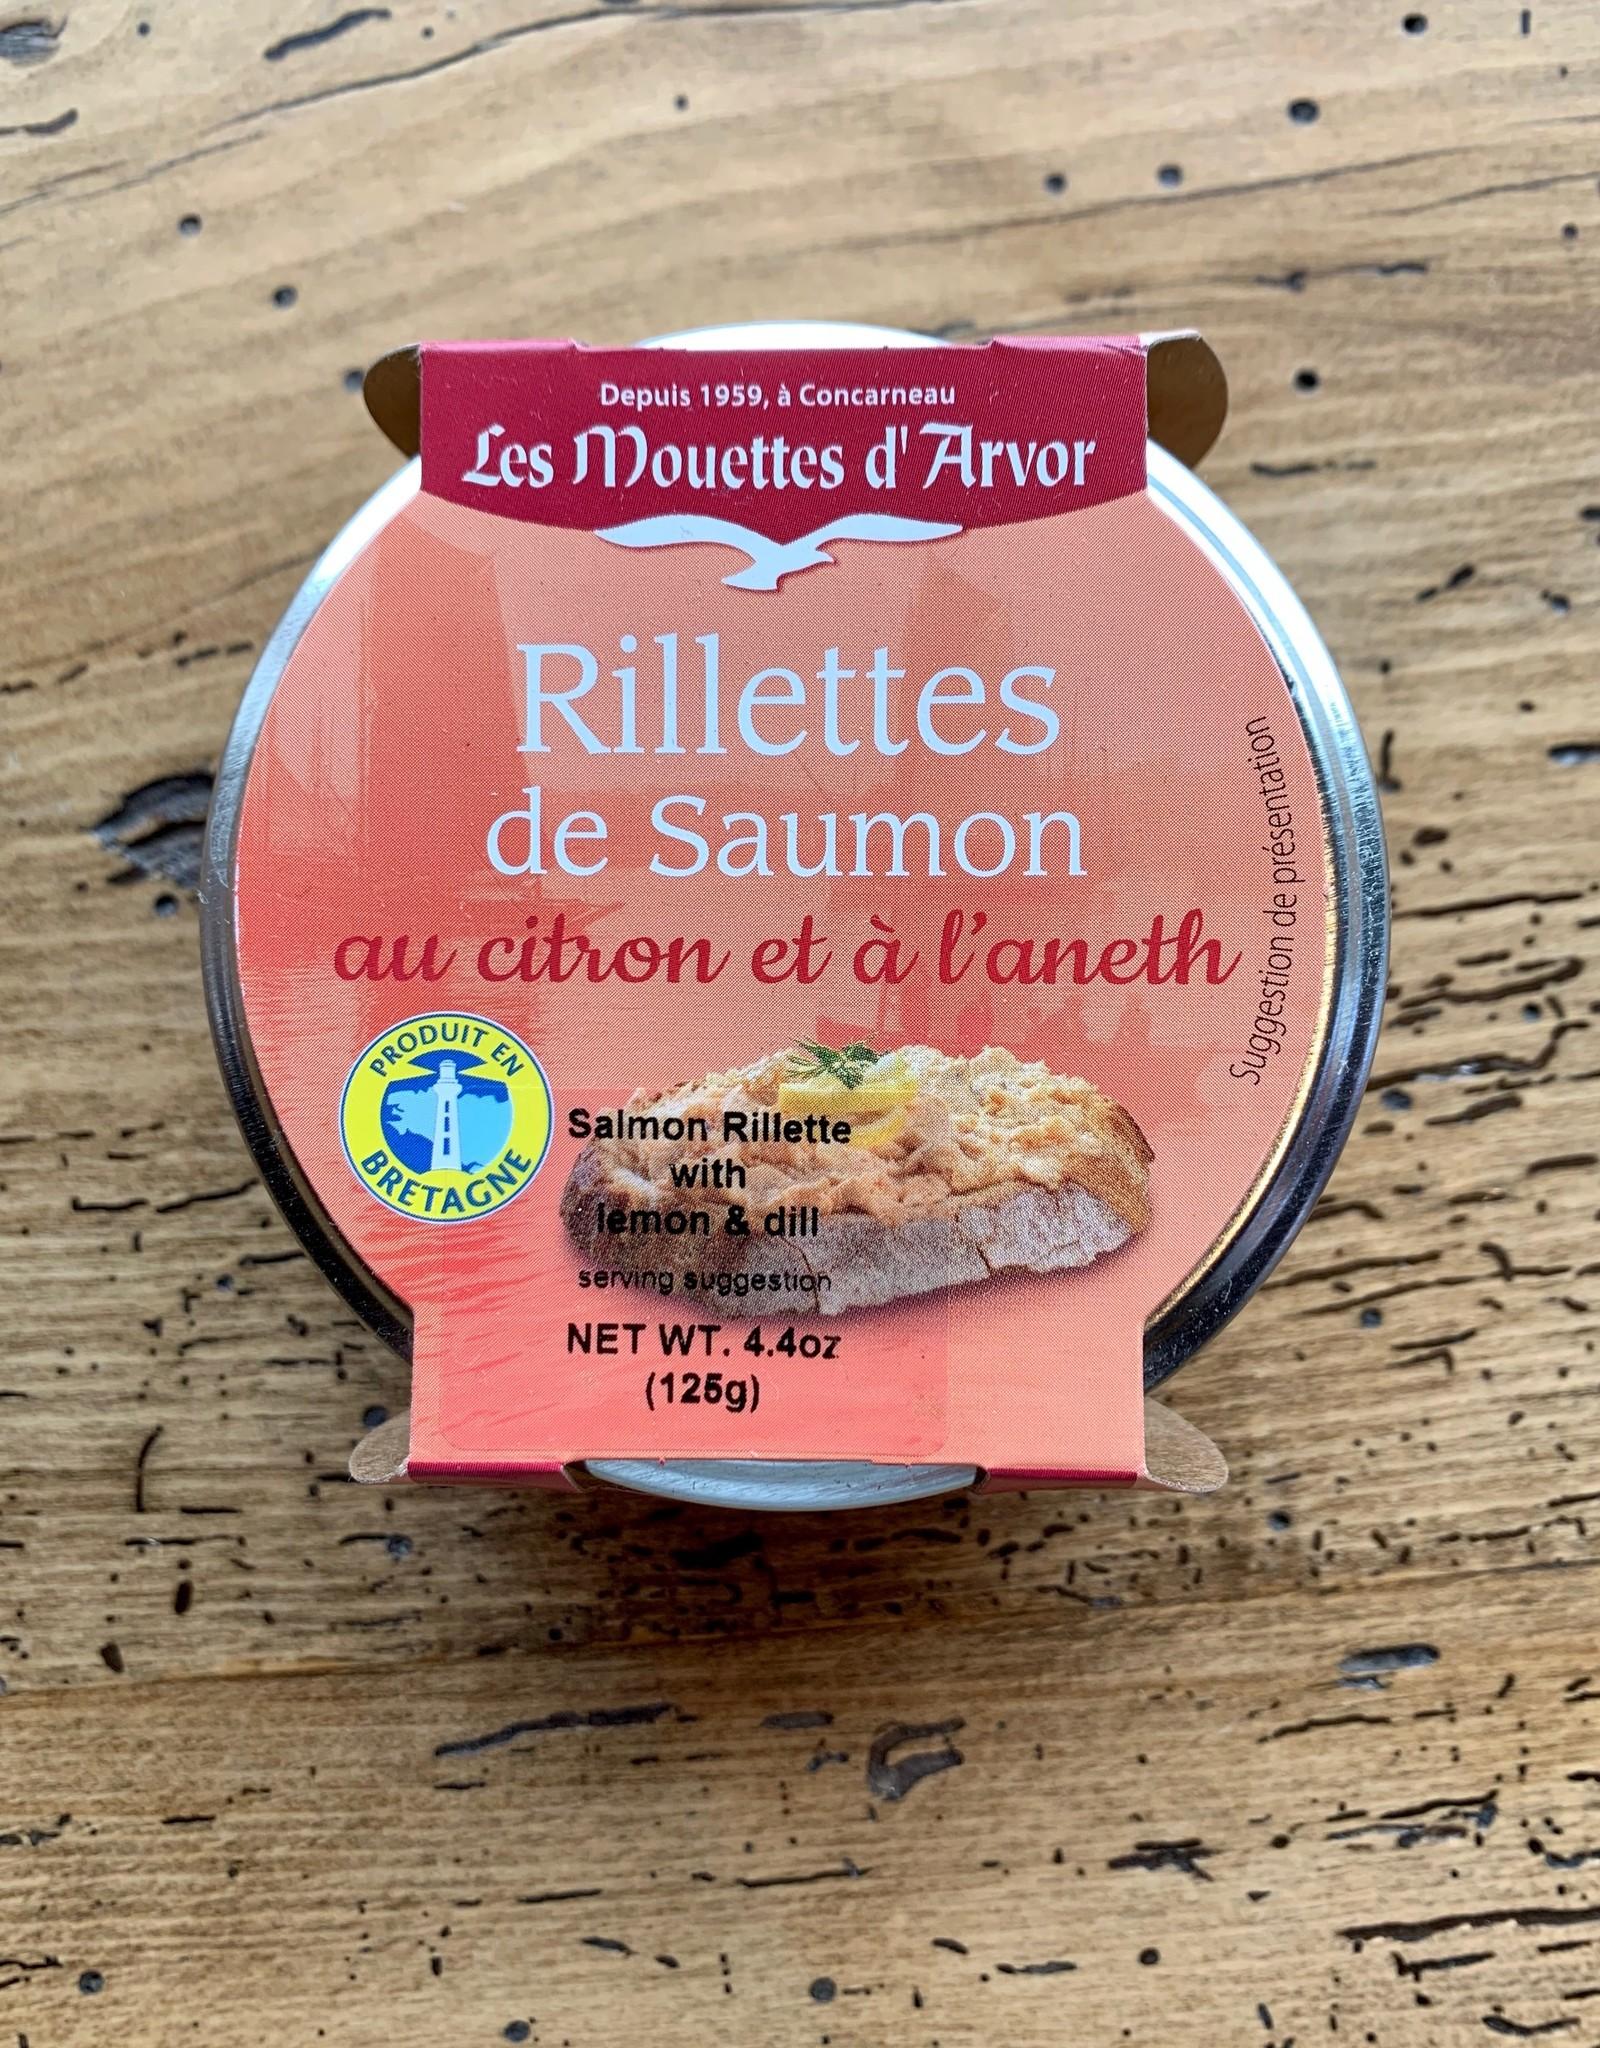 Les Mouettes d'Arvor Rillettes de Salmon